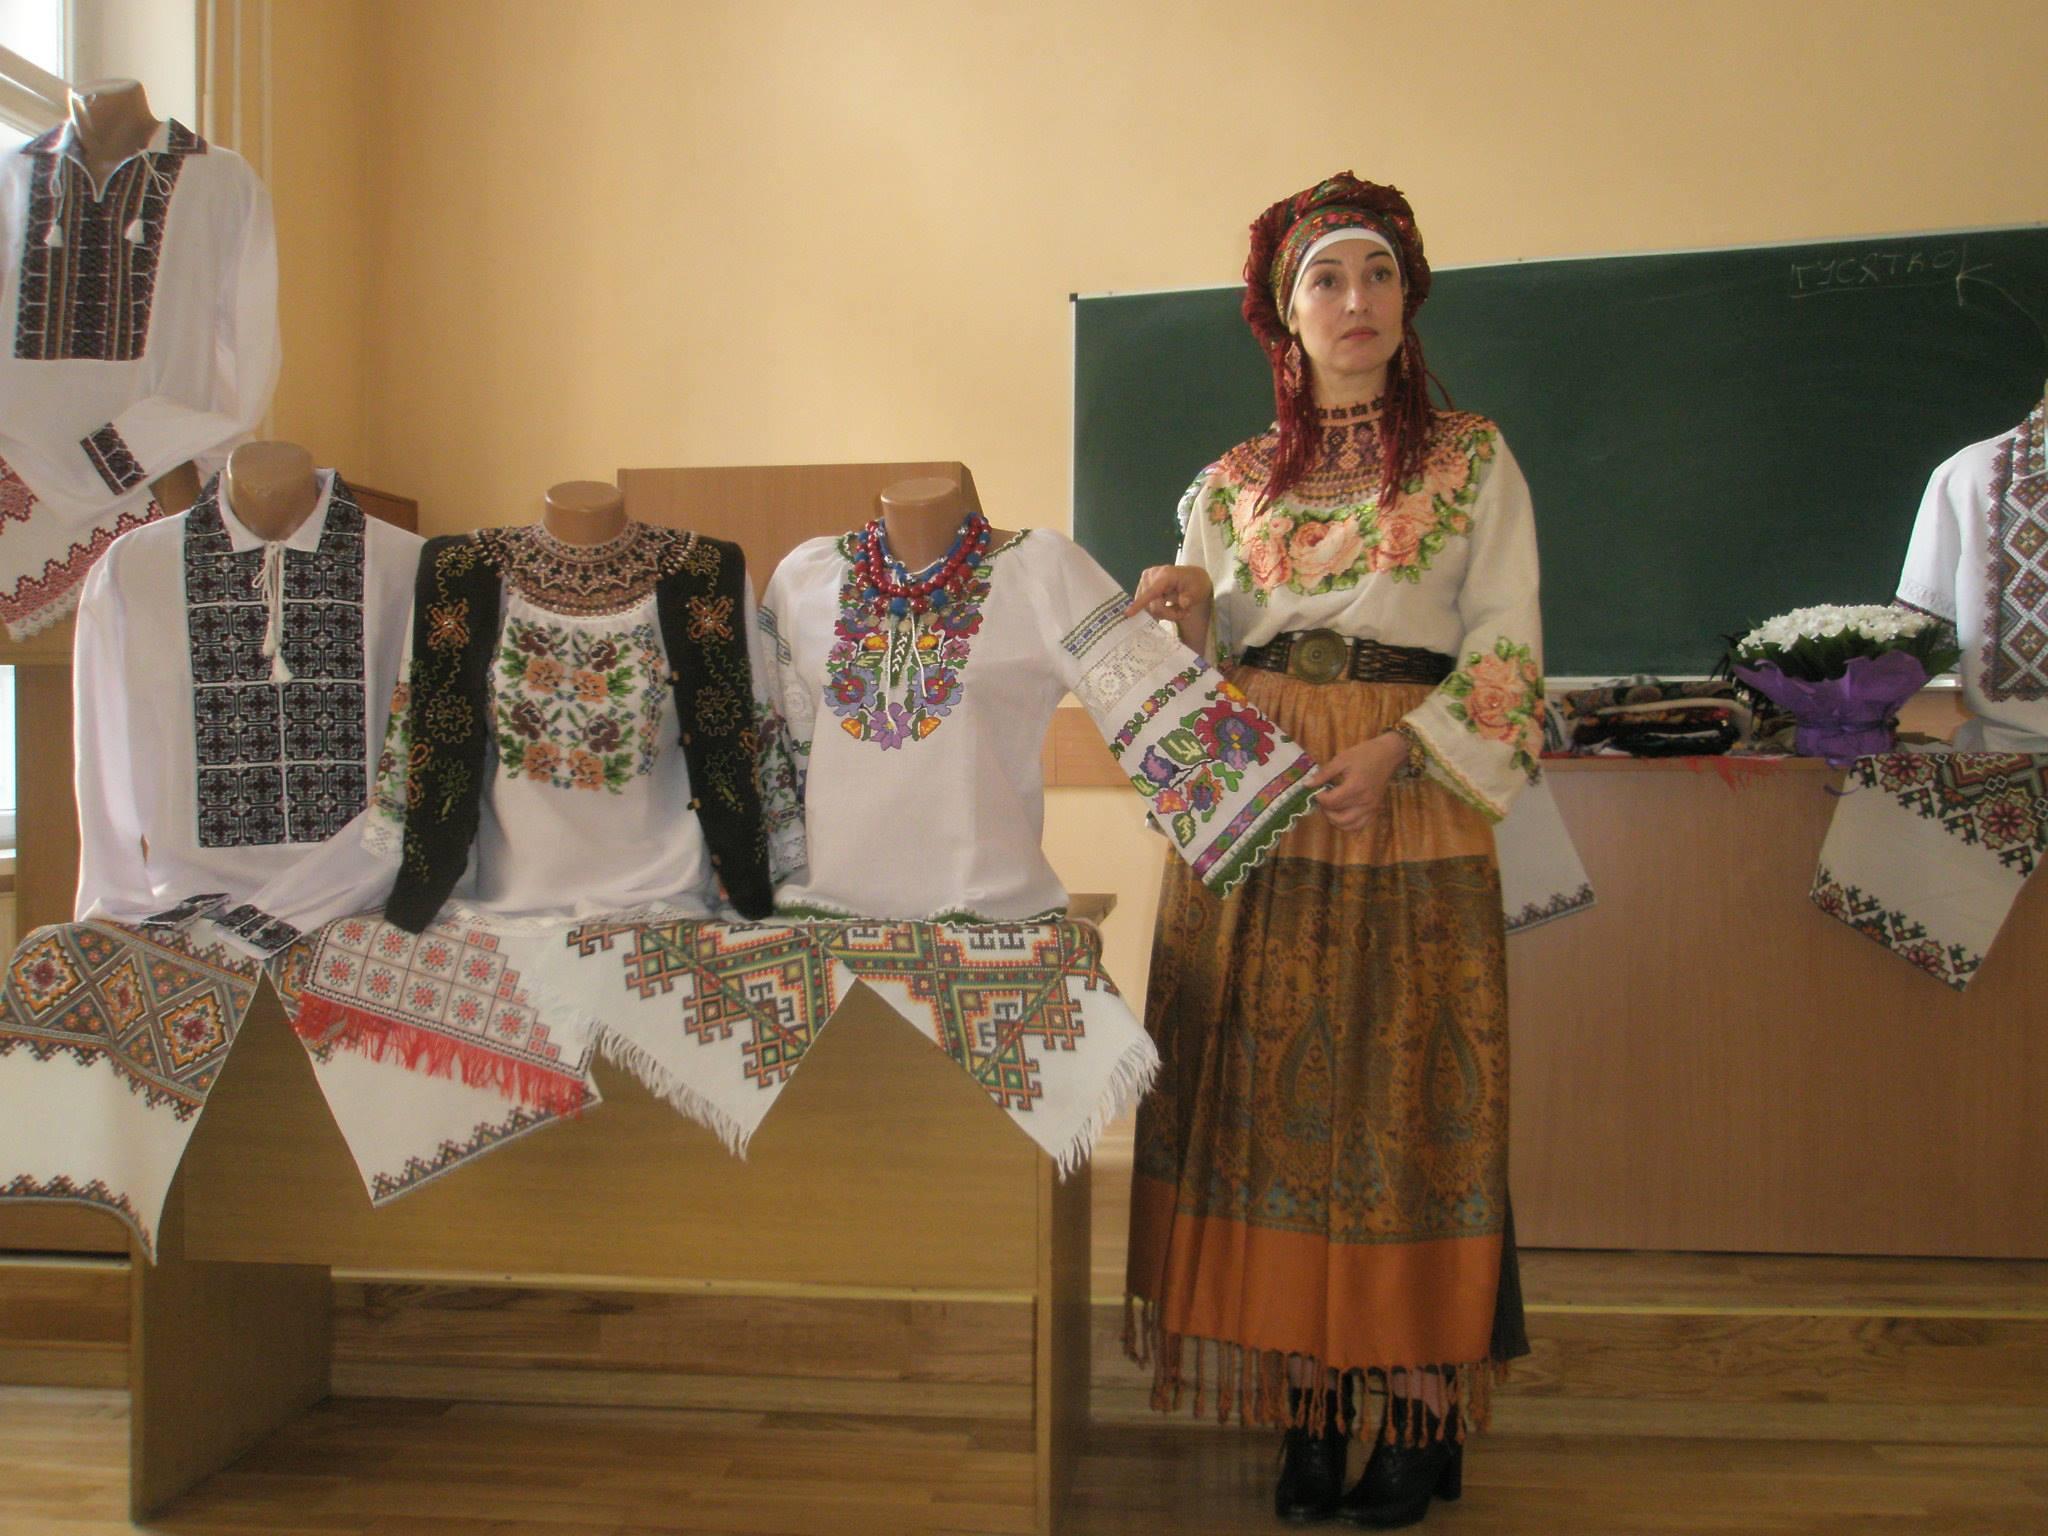 Підспідок української вишиванки